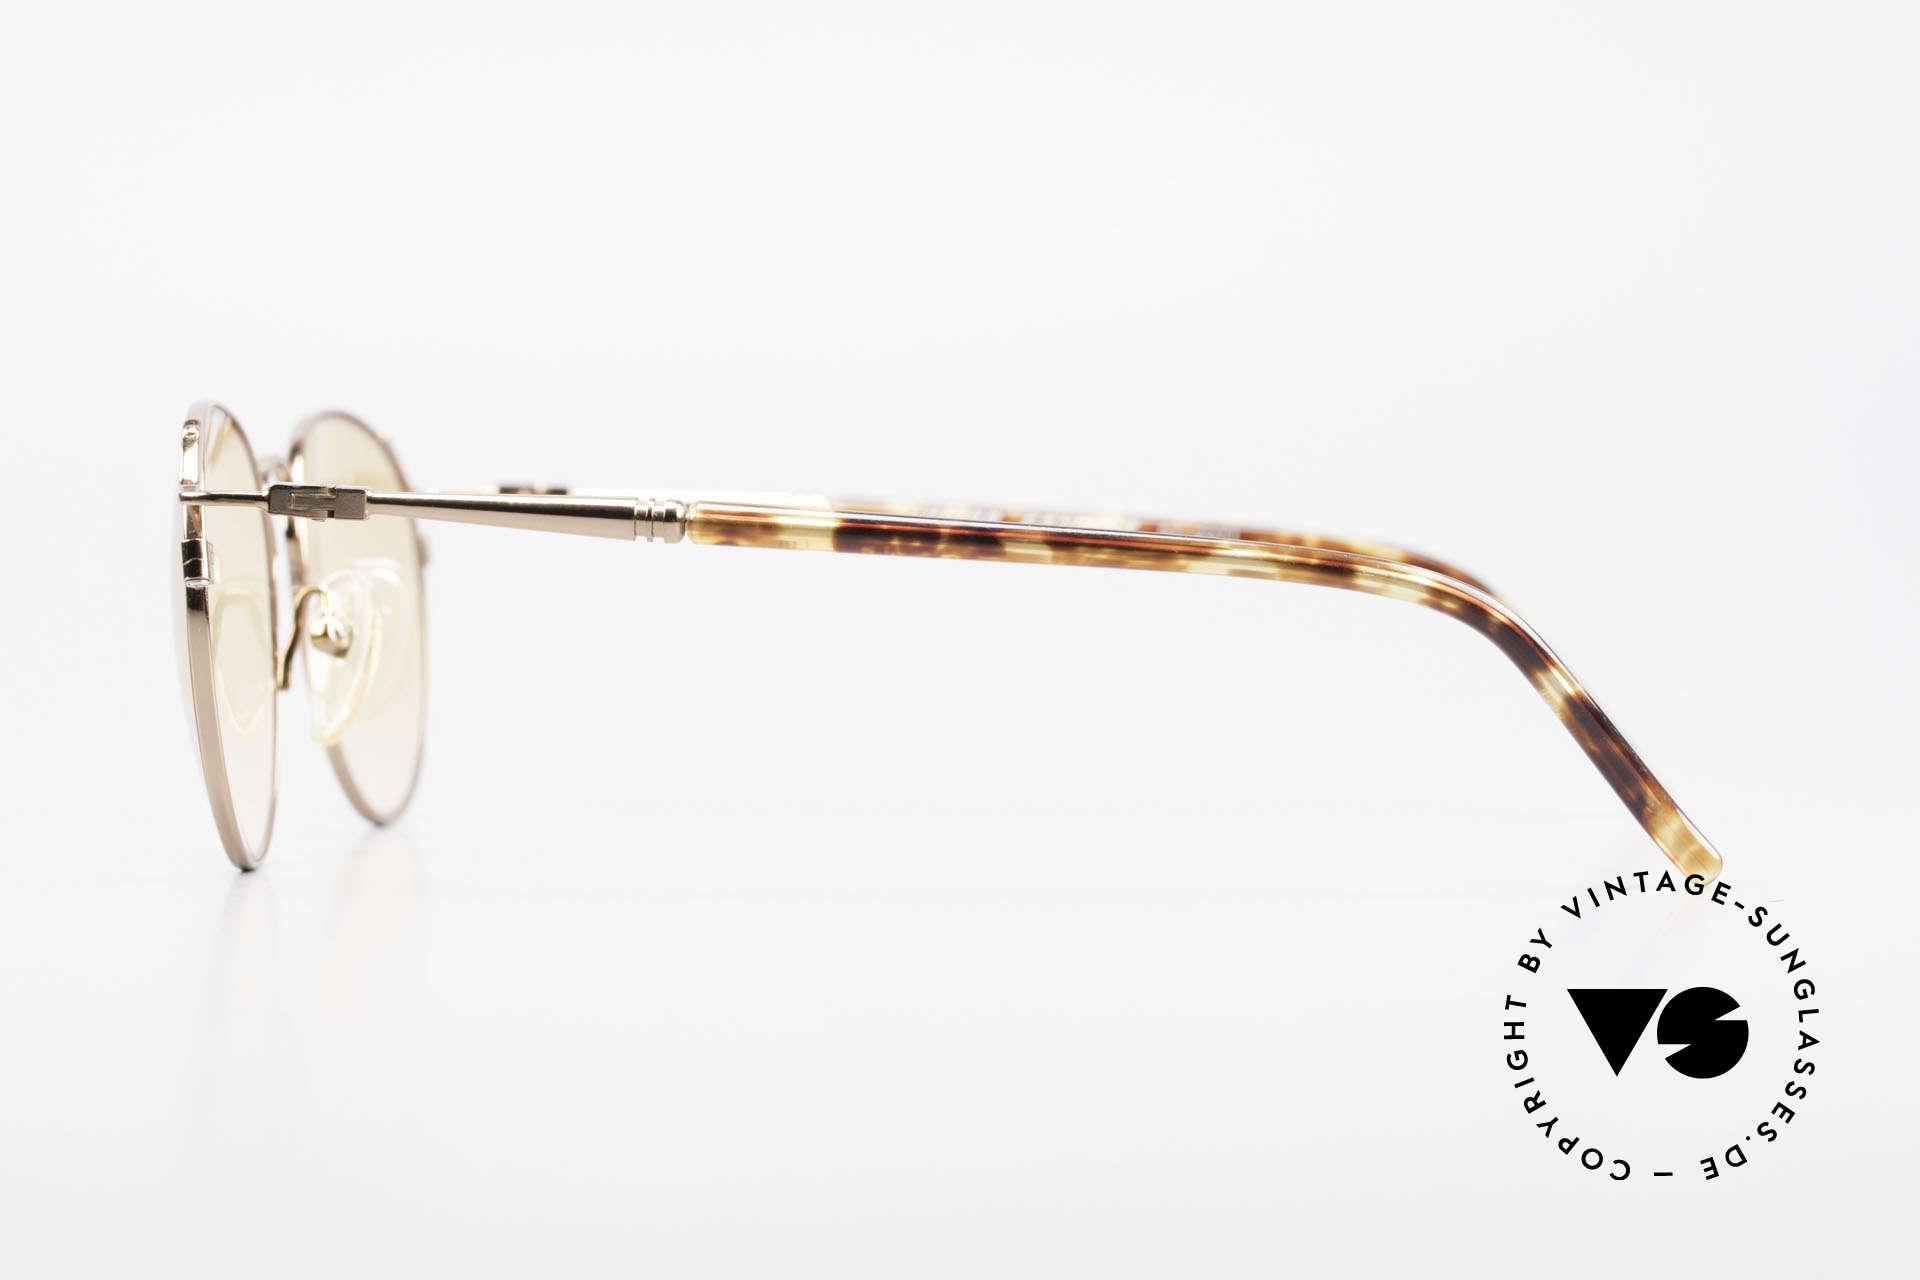 Jean Paul Gaultier 57-2271 Junior Gaultier Vintage Brille, ungewöhnlich Rahmenform; kupfer & orange Gläser, Passend für Herren und Damen